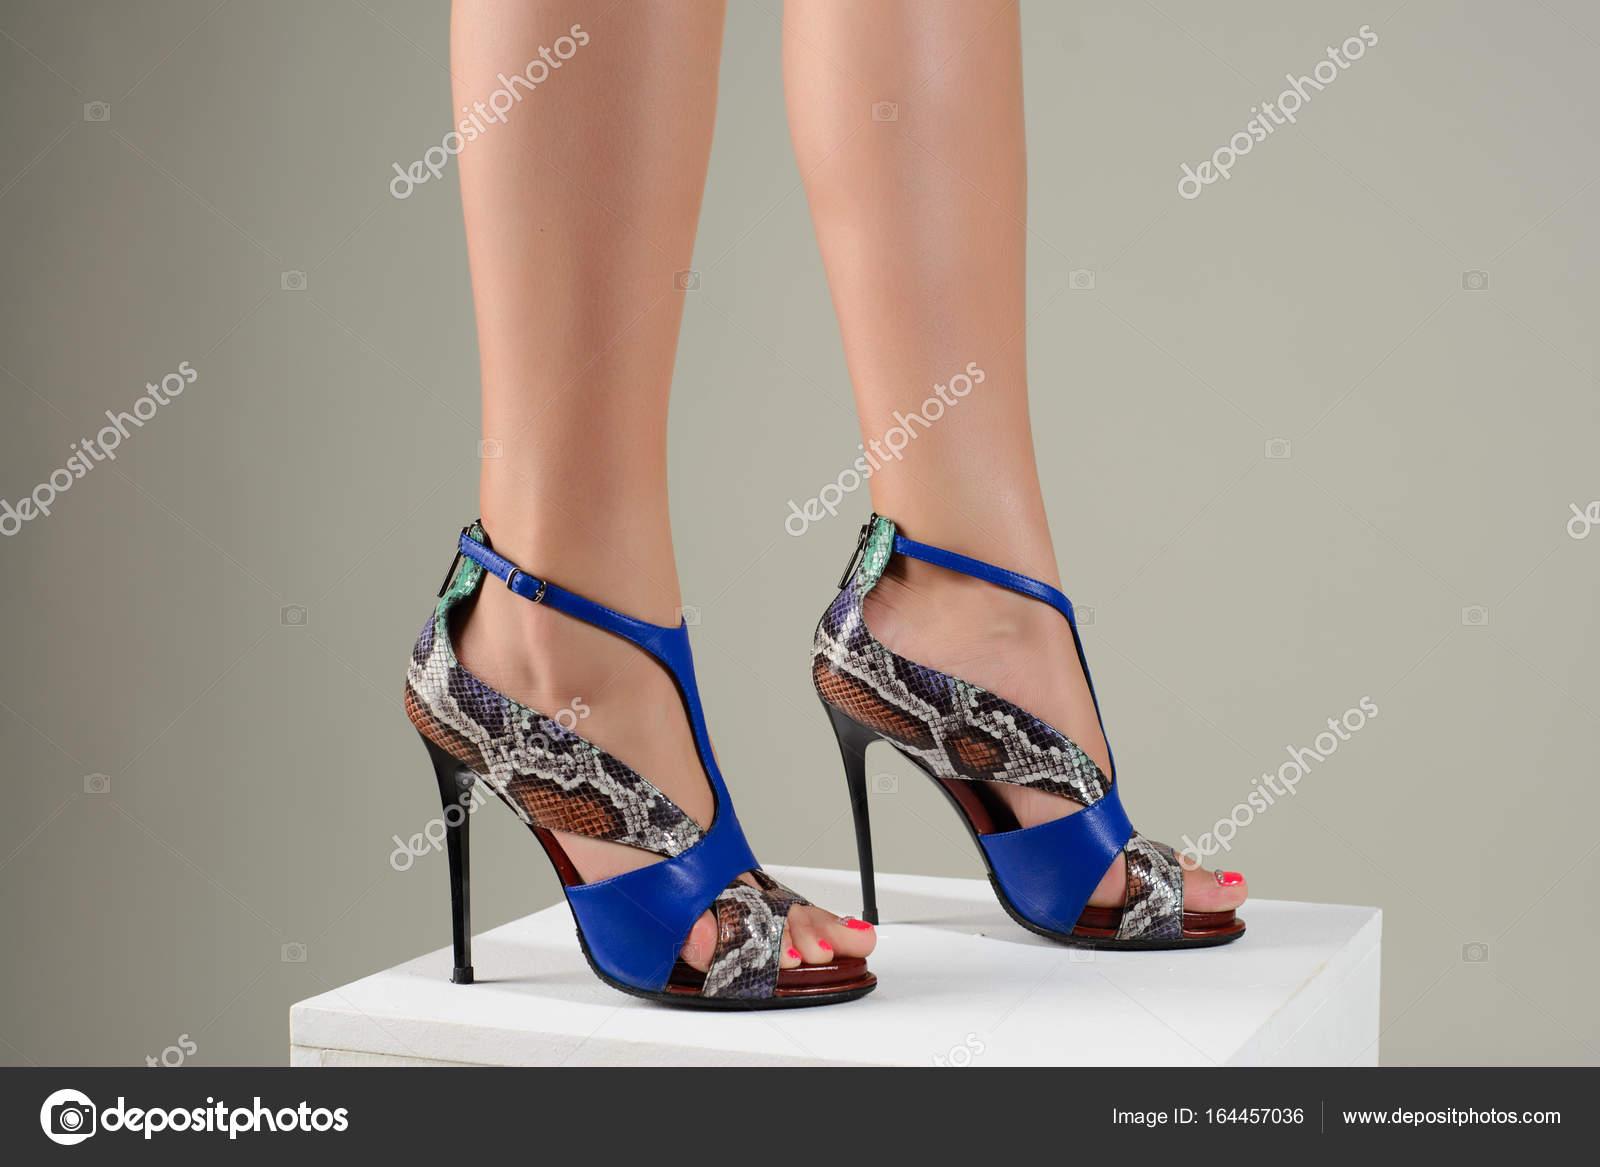 Mujer En Alto De Tacón Hermosos Elegantes Pies Sandalias Azul Kl1FJc